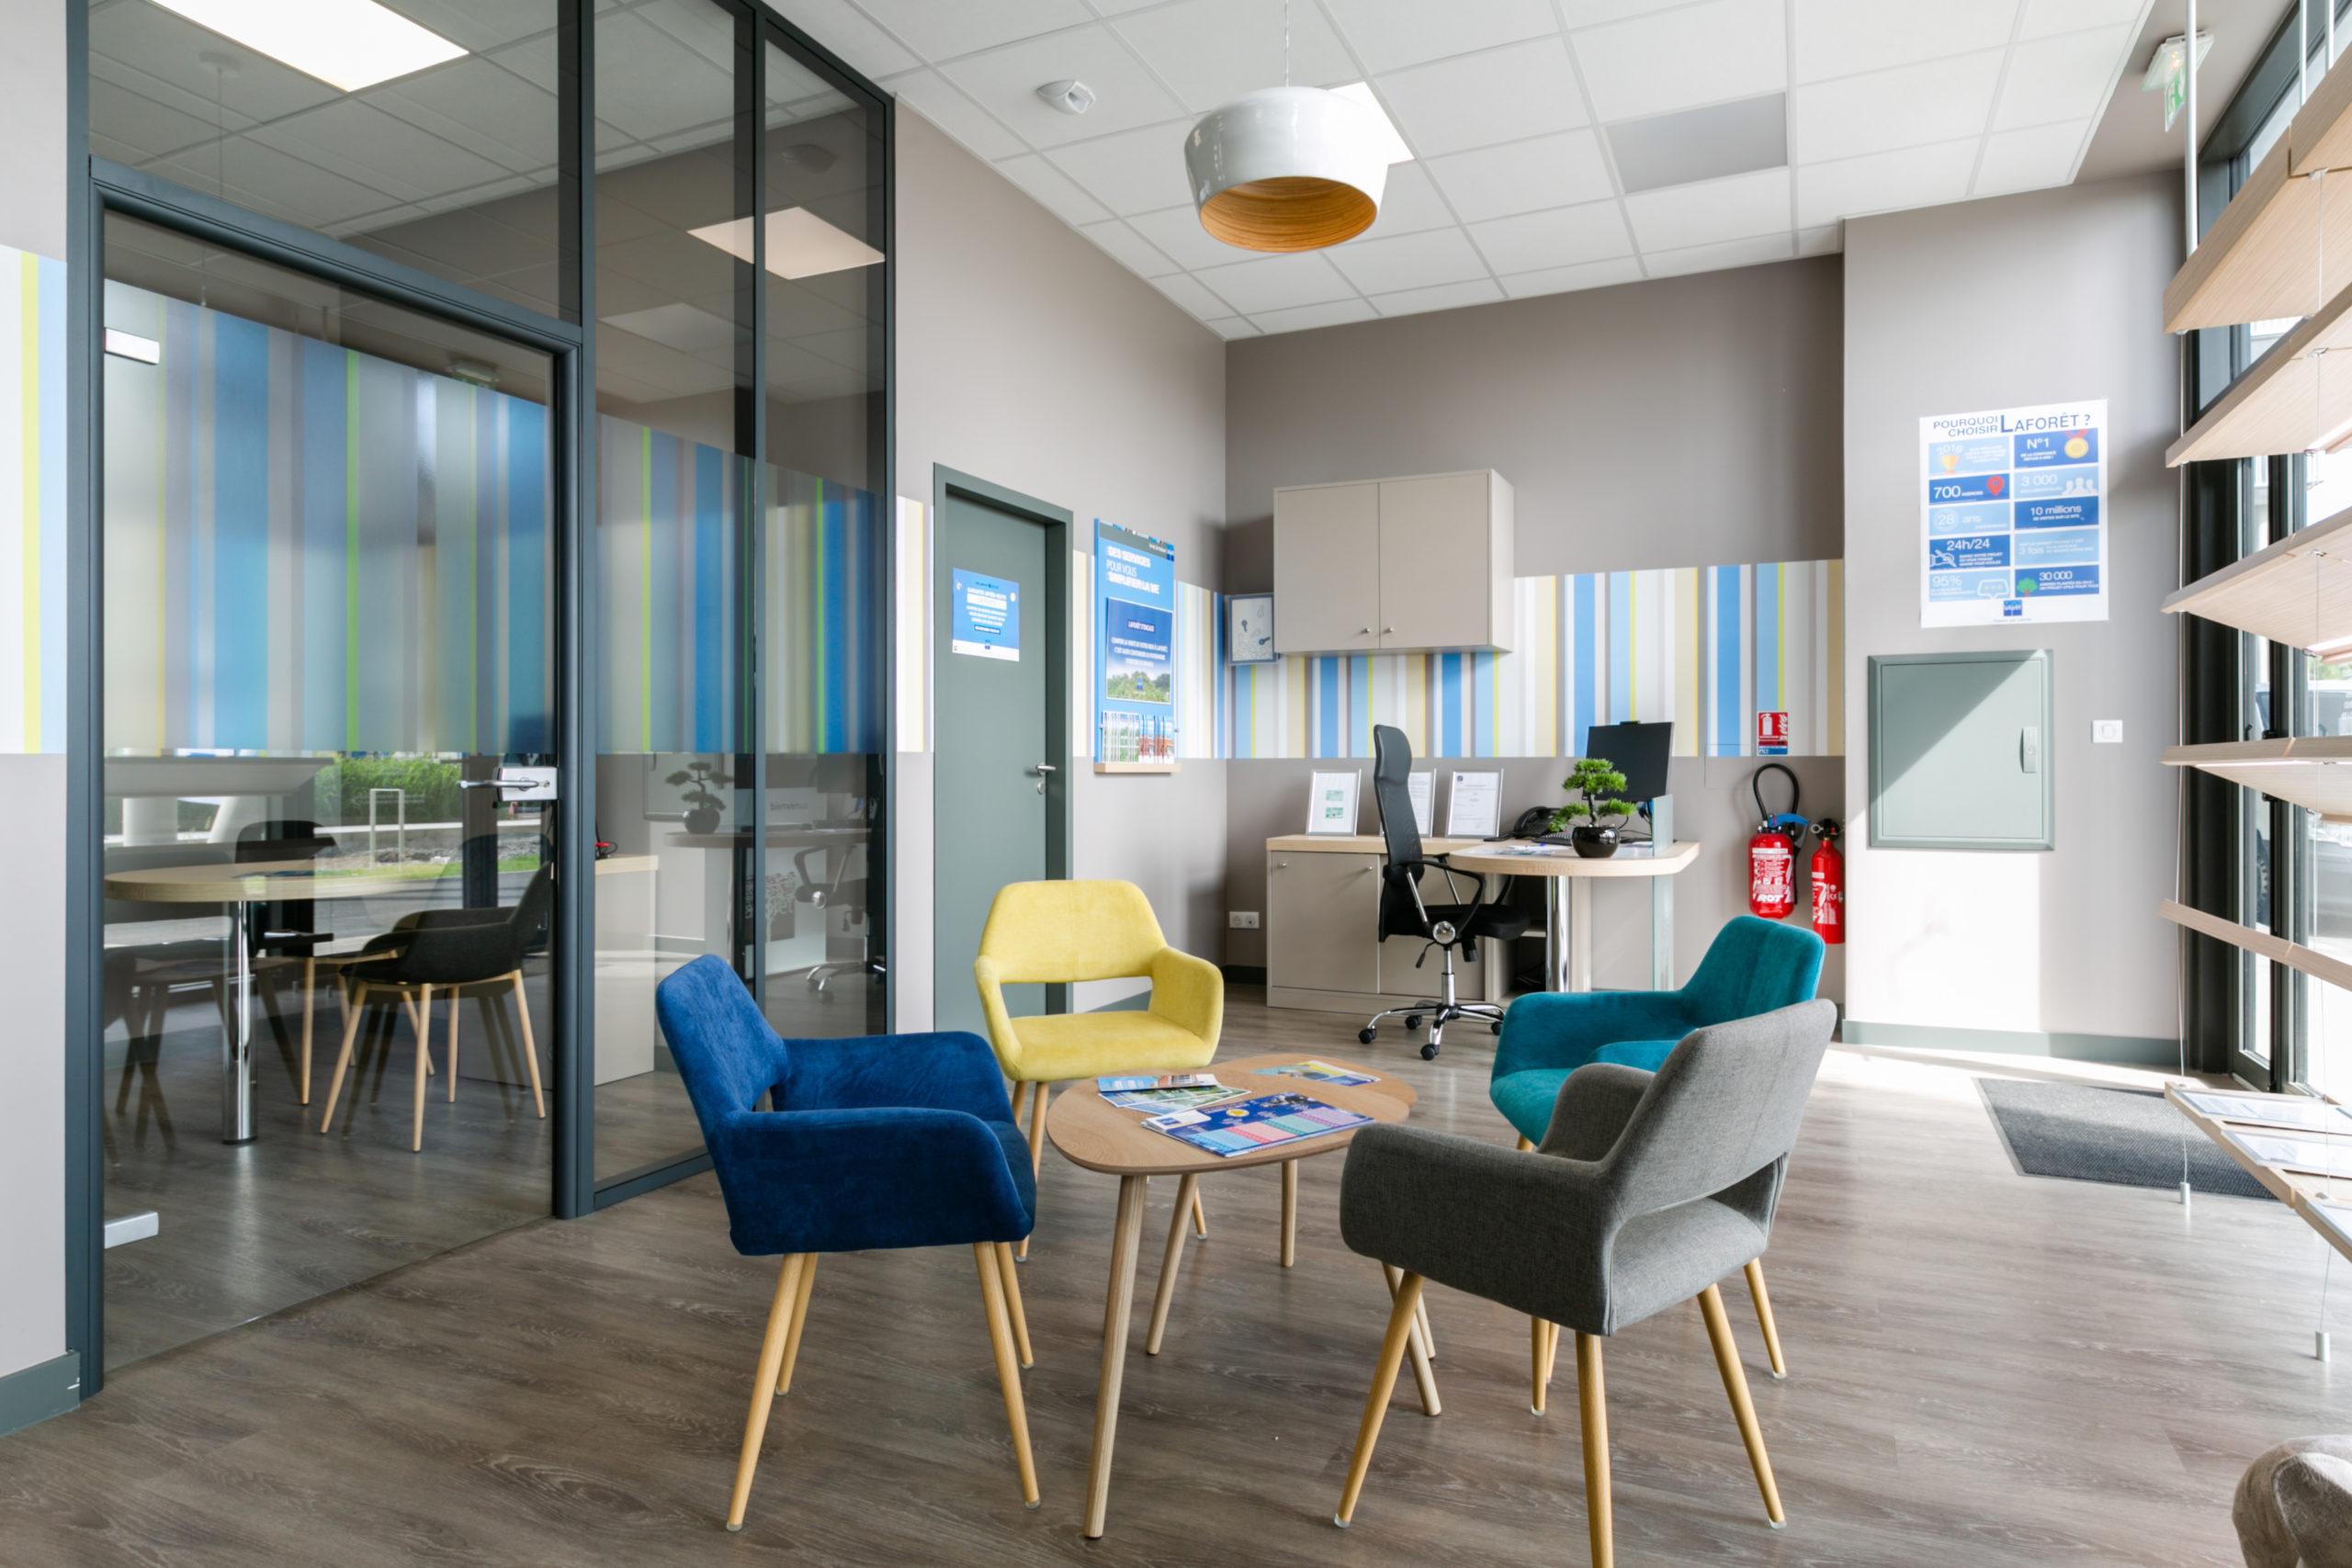 Atelier-Plurielles-Architectures-aménagement-bureau-Tarnos-salle attente 3